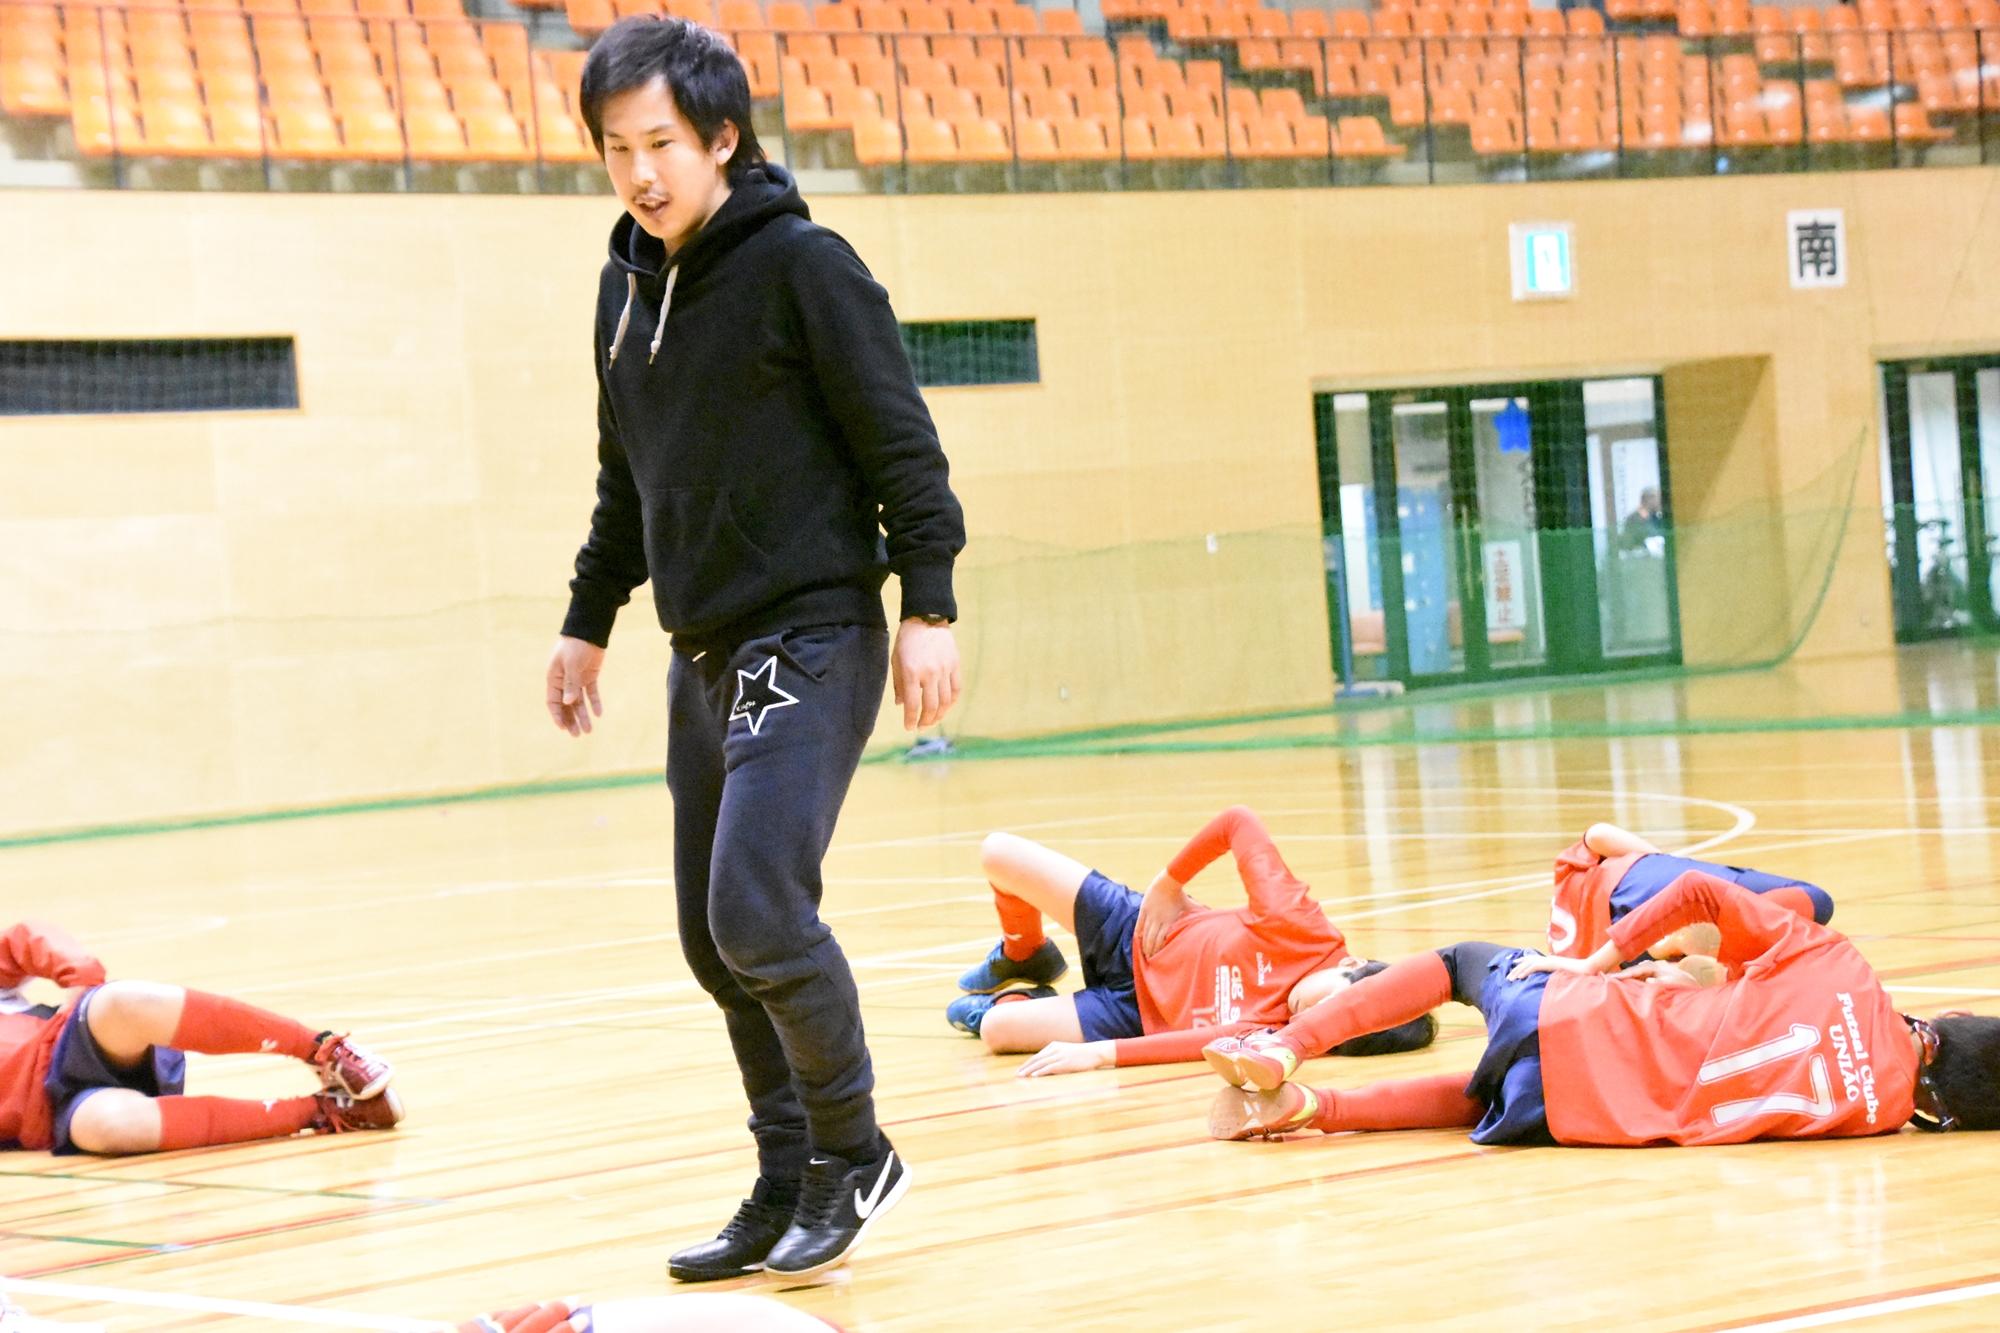 【オフシーズンインタビュー Vol.1】村松 裕樹